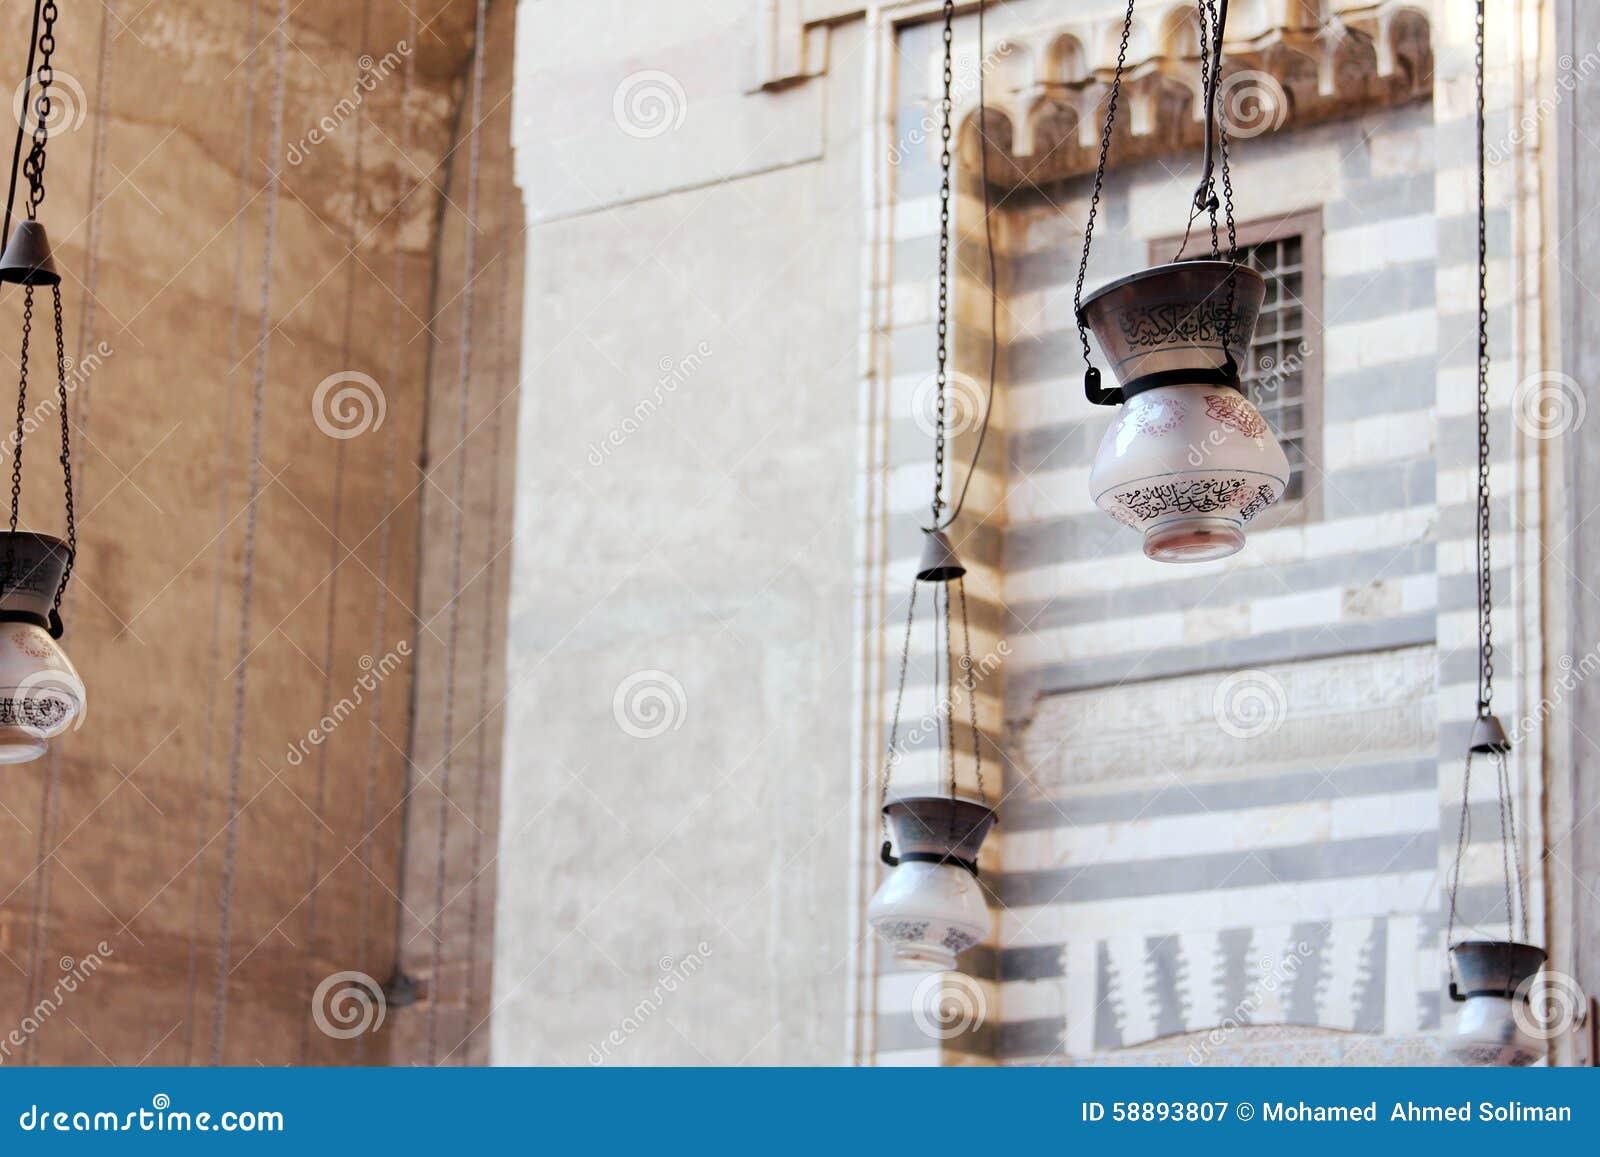 Islamitische lantaarn